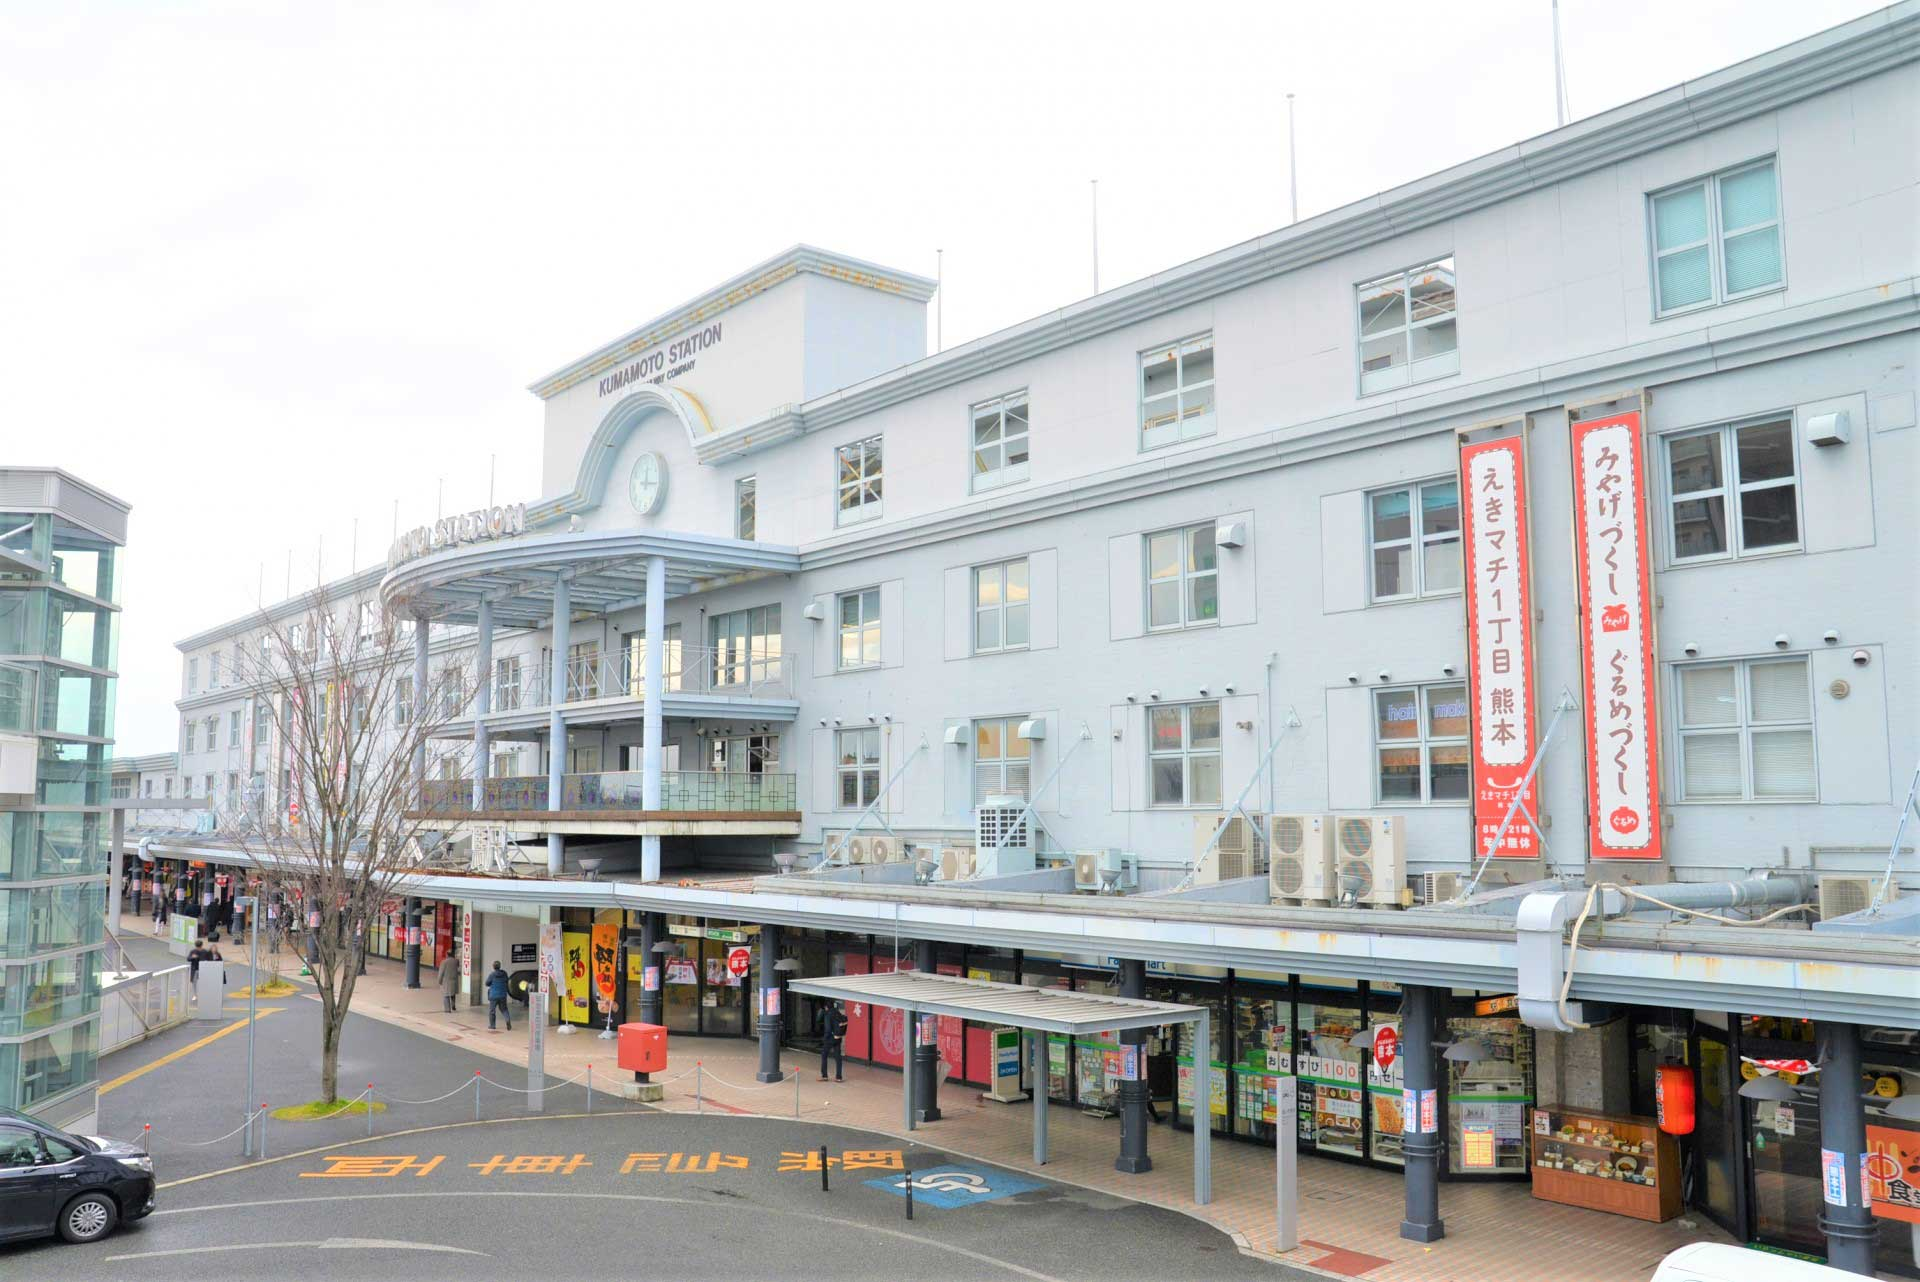 熊本のメインターミナル